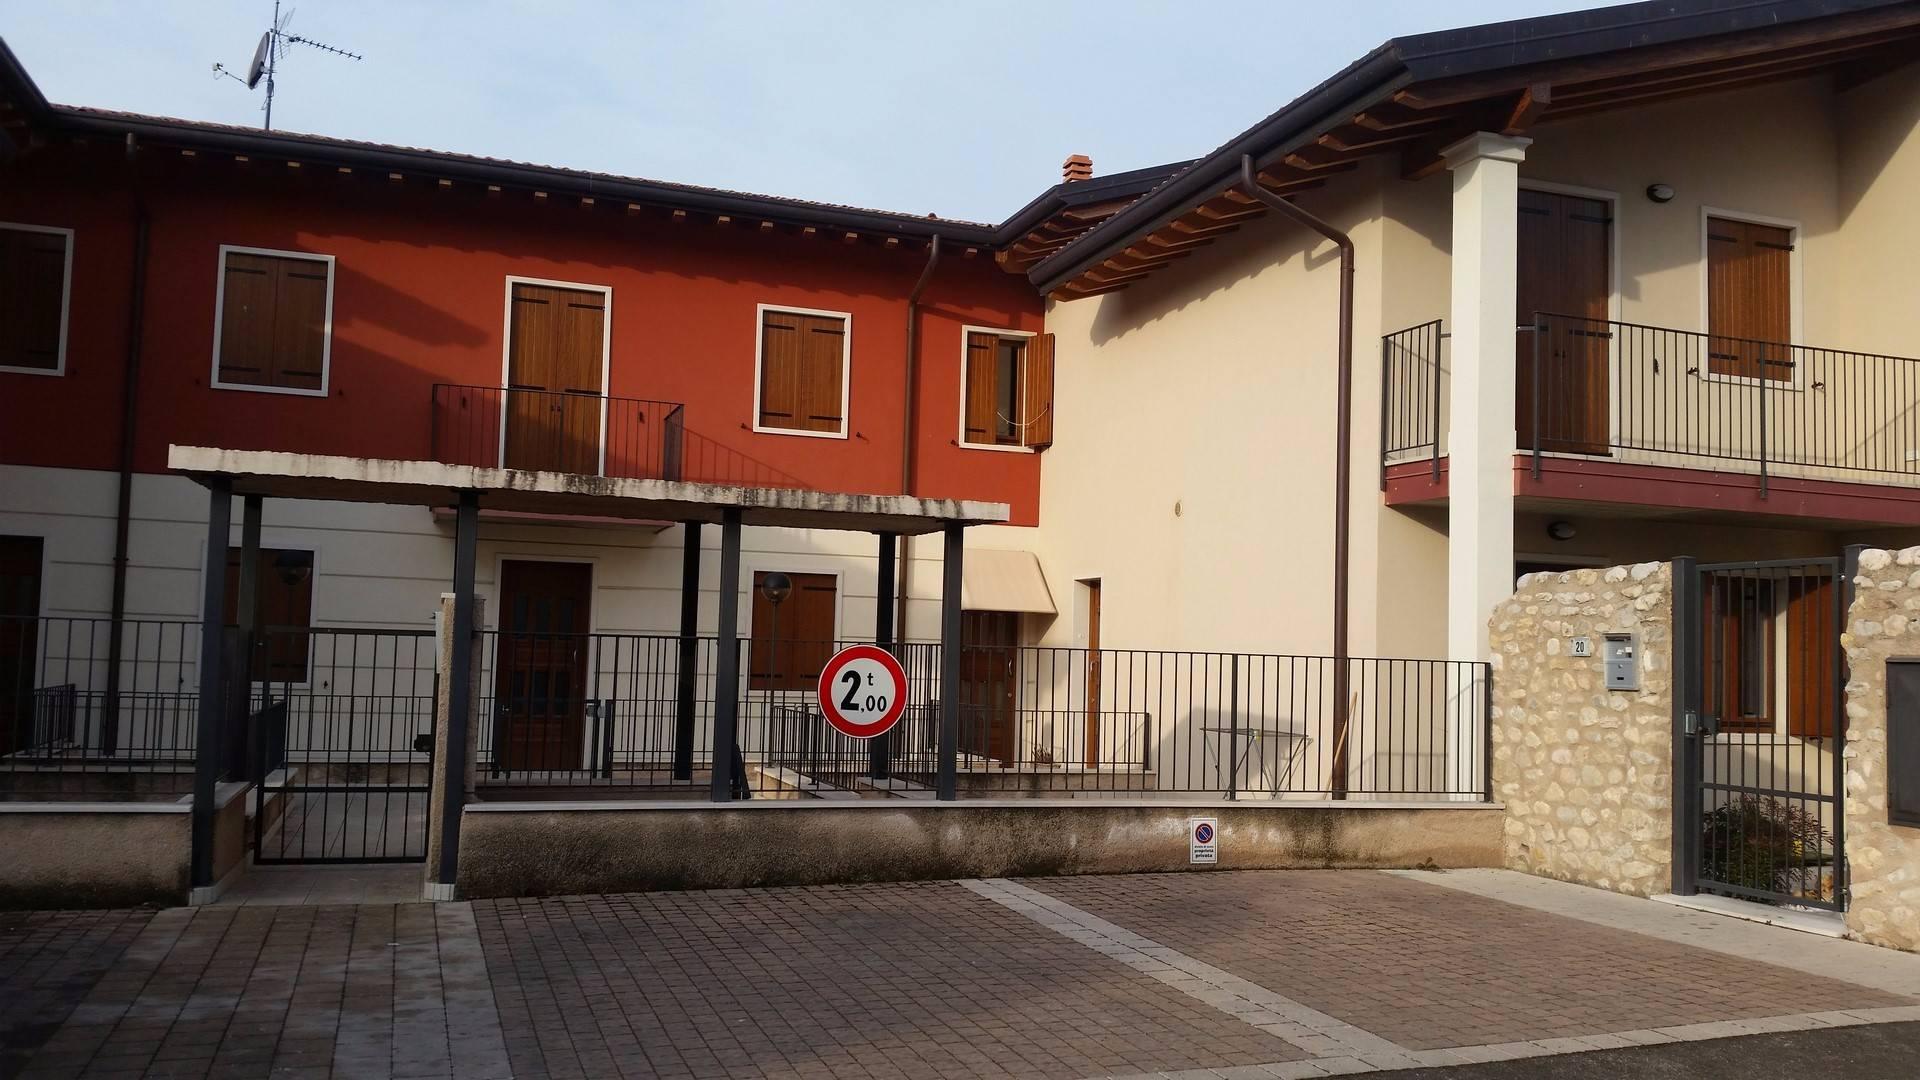 Soluzione Indipendente in vendita a Illasi, 3 locali, prezzo € 220.000 | CambioCasa.it